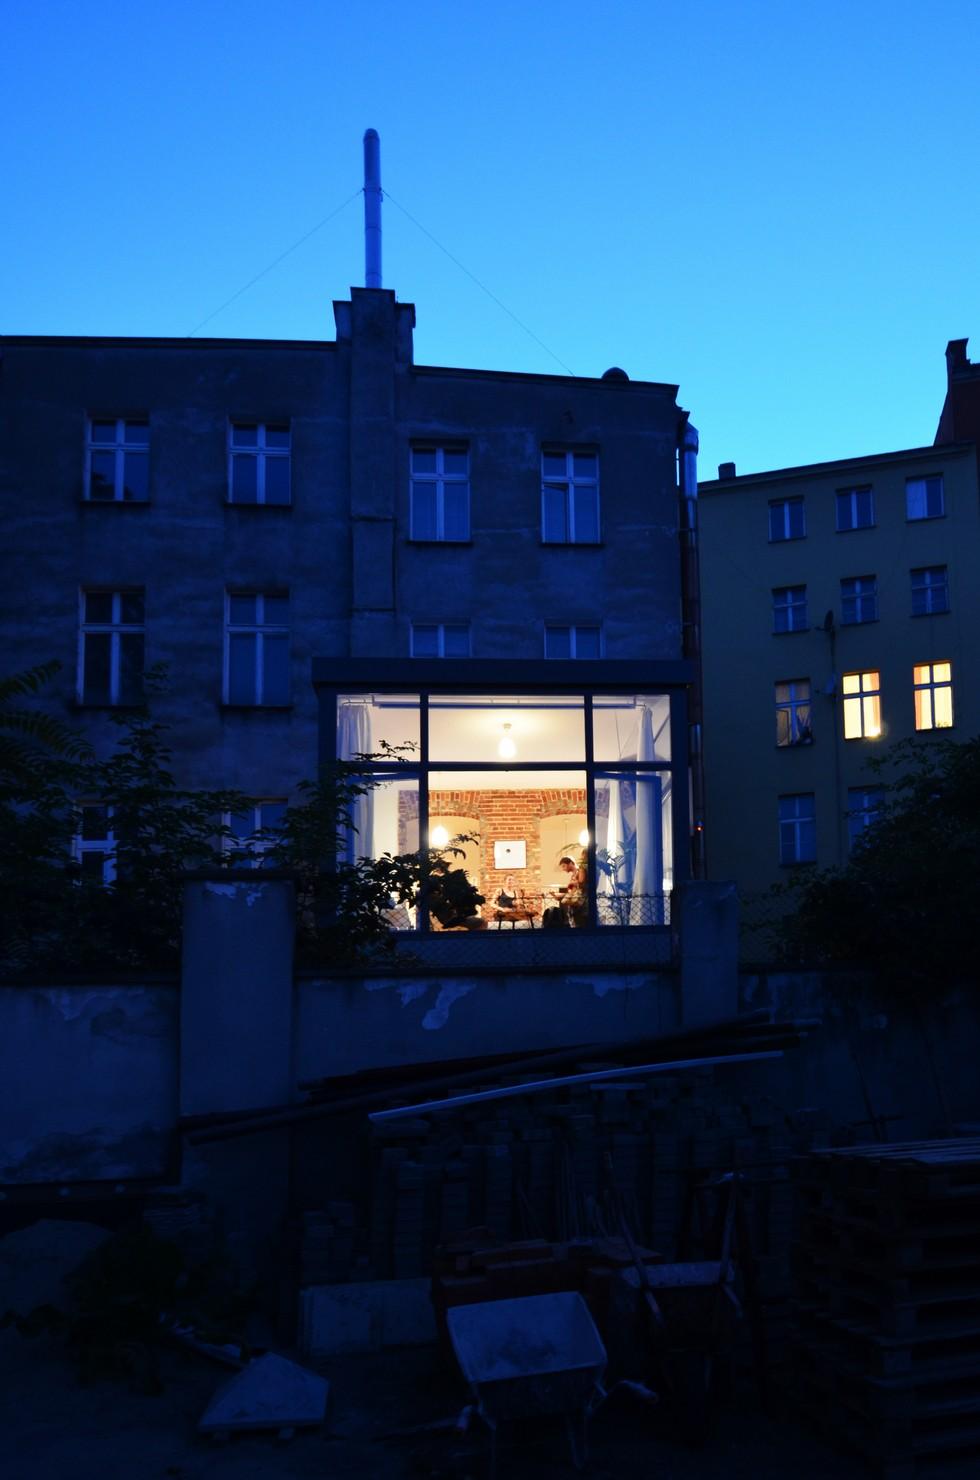 Wejście od podwórza. Nietypowe mieszkanie we Wrocławiu